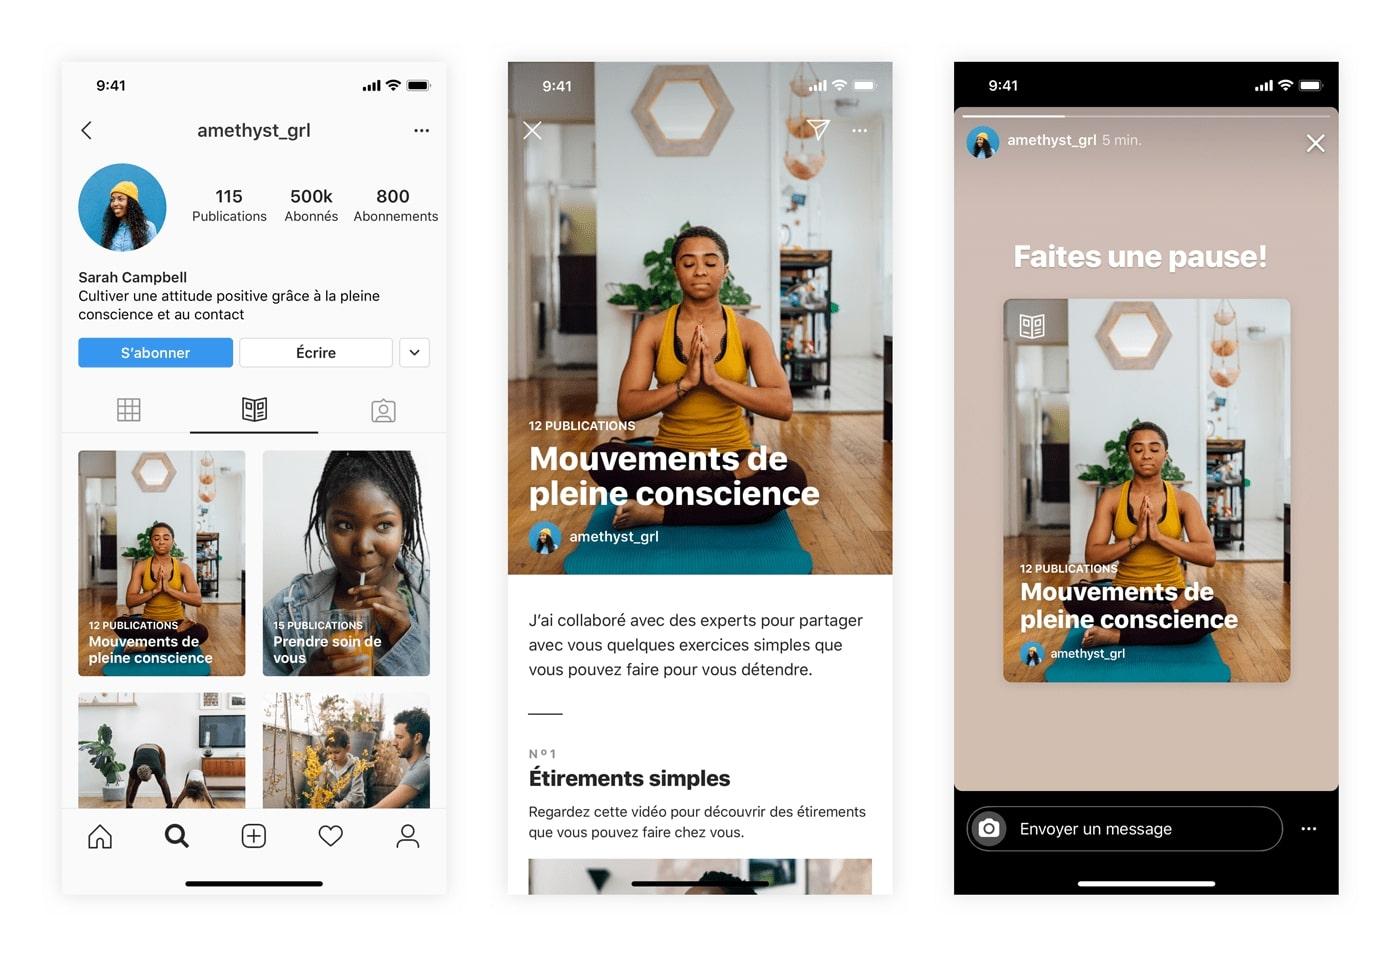 instagram-mode-emploi-reseaux-sociaux-gestion-agence-communication-community-management-besancon-pontarlier-suisse-lausanne-doubs-franche-comte-gestion-2